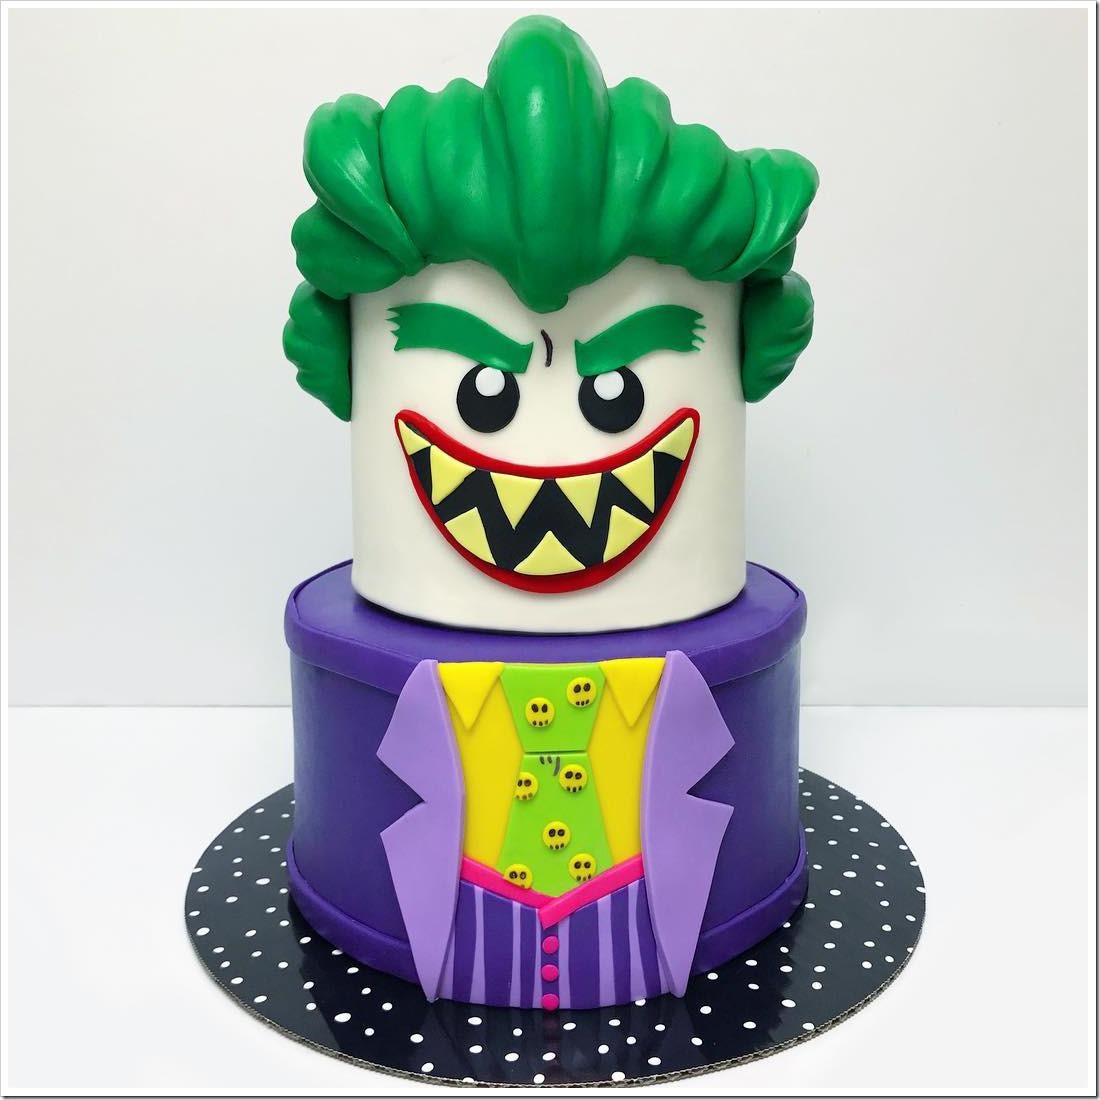 LEGO Joker Cake